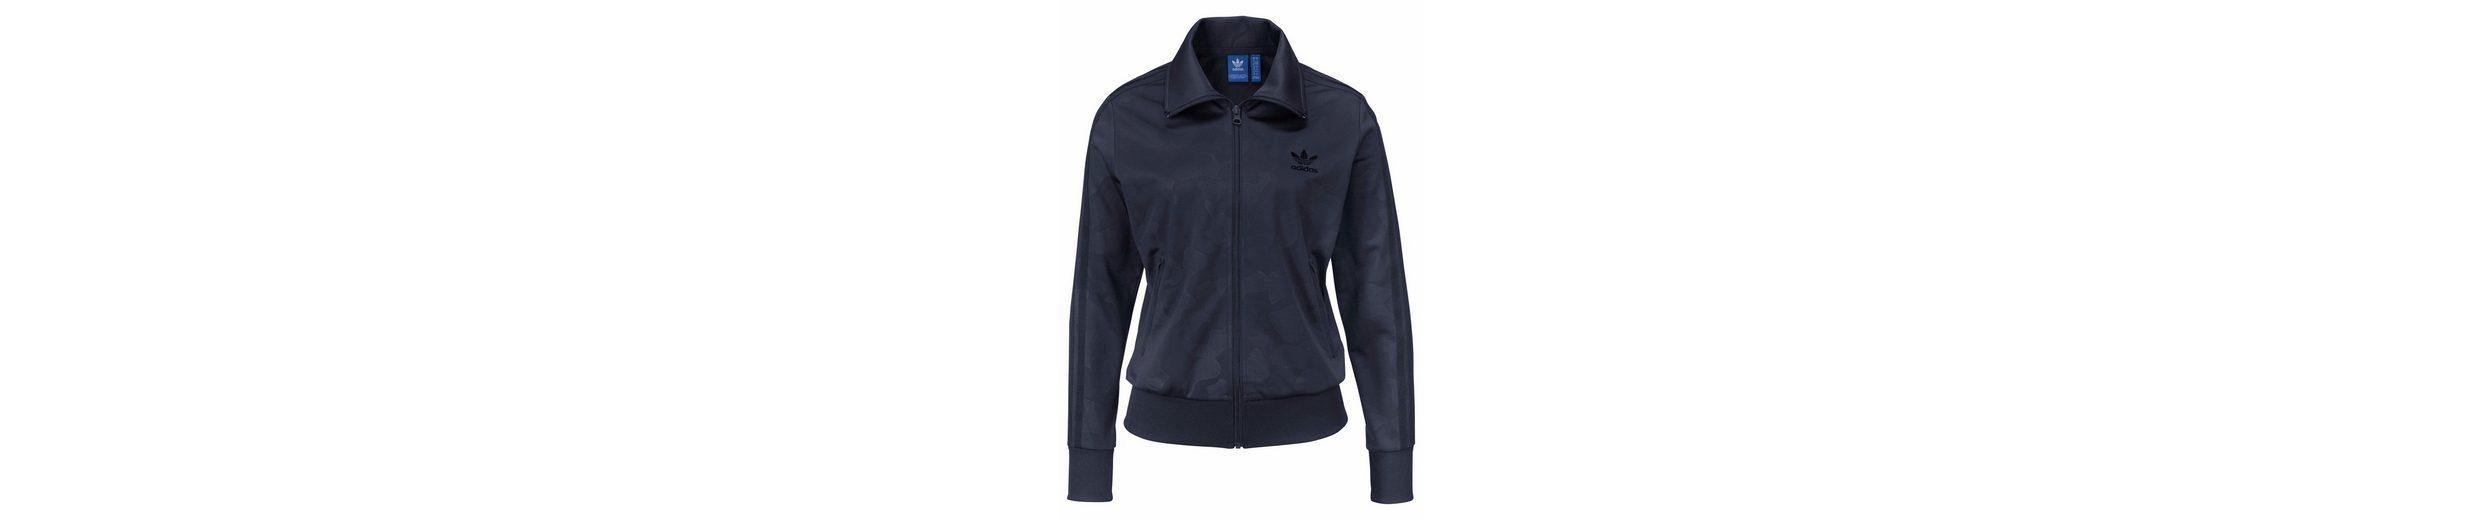 adidas Originals Trainingsjacke FIREBIRD TT Original Günstiger Preis Billig Verkaufen Kaufen Suche Nach Online Geschäft Spielraum Wahl n4ss8wkp